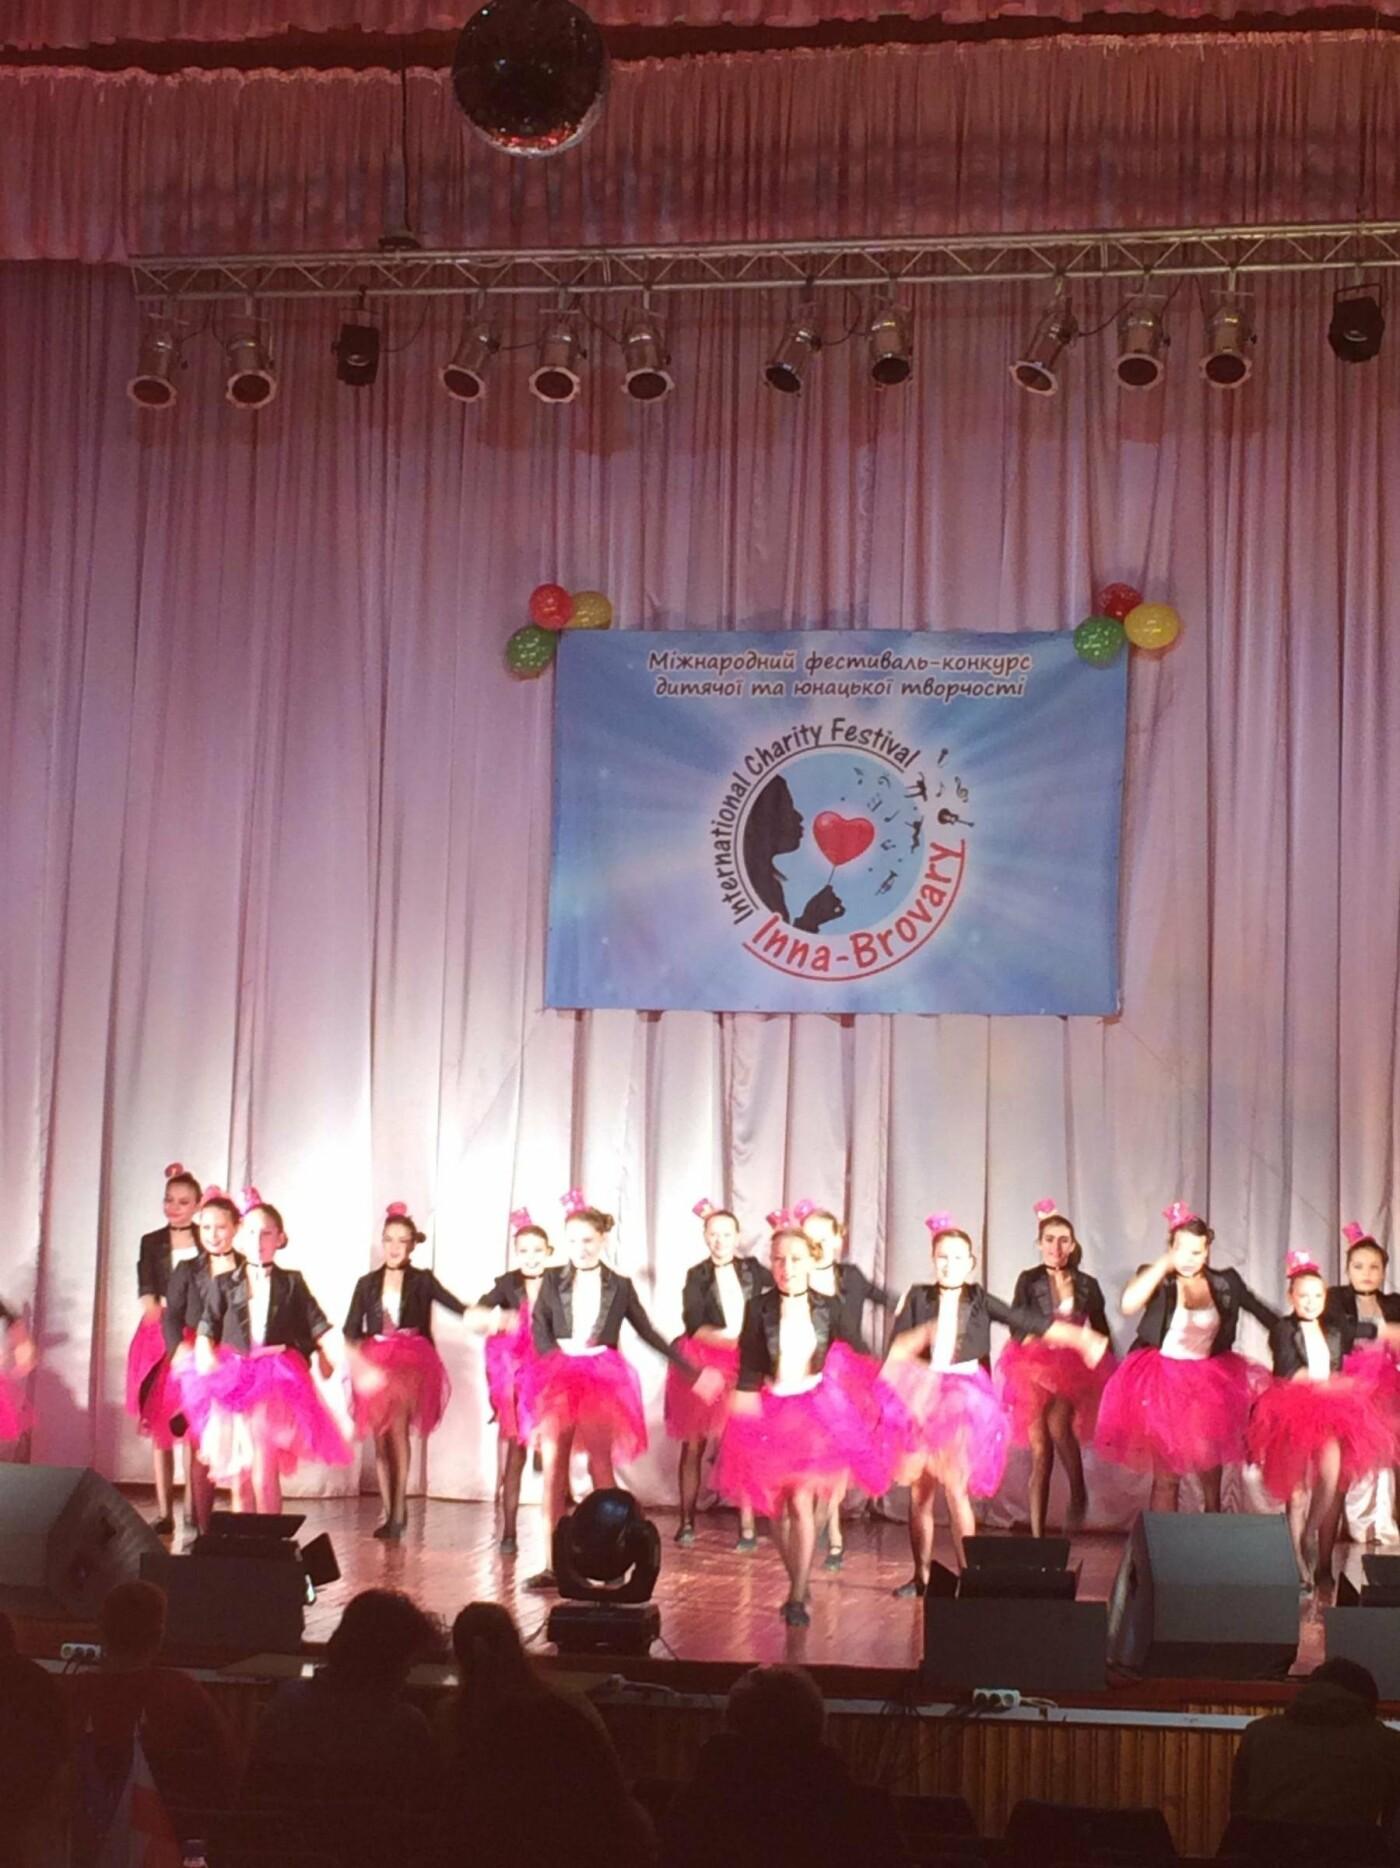 II Міжнародний фестиваль-конкурс дитячої та юнацької творчості у Броварах, фото-5